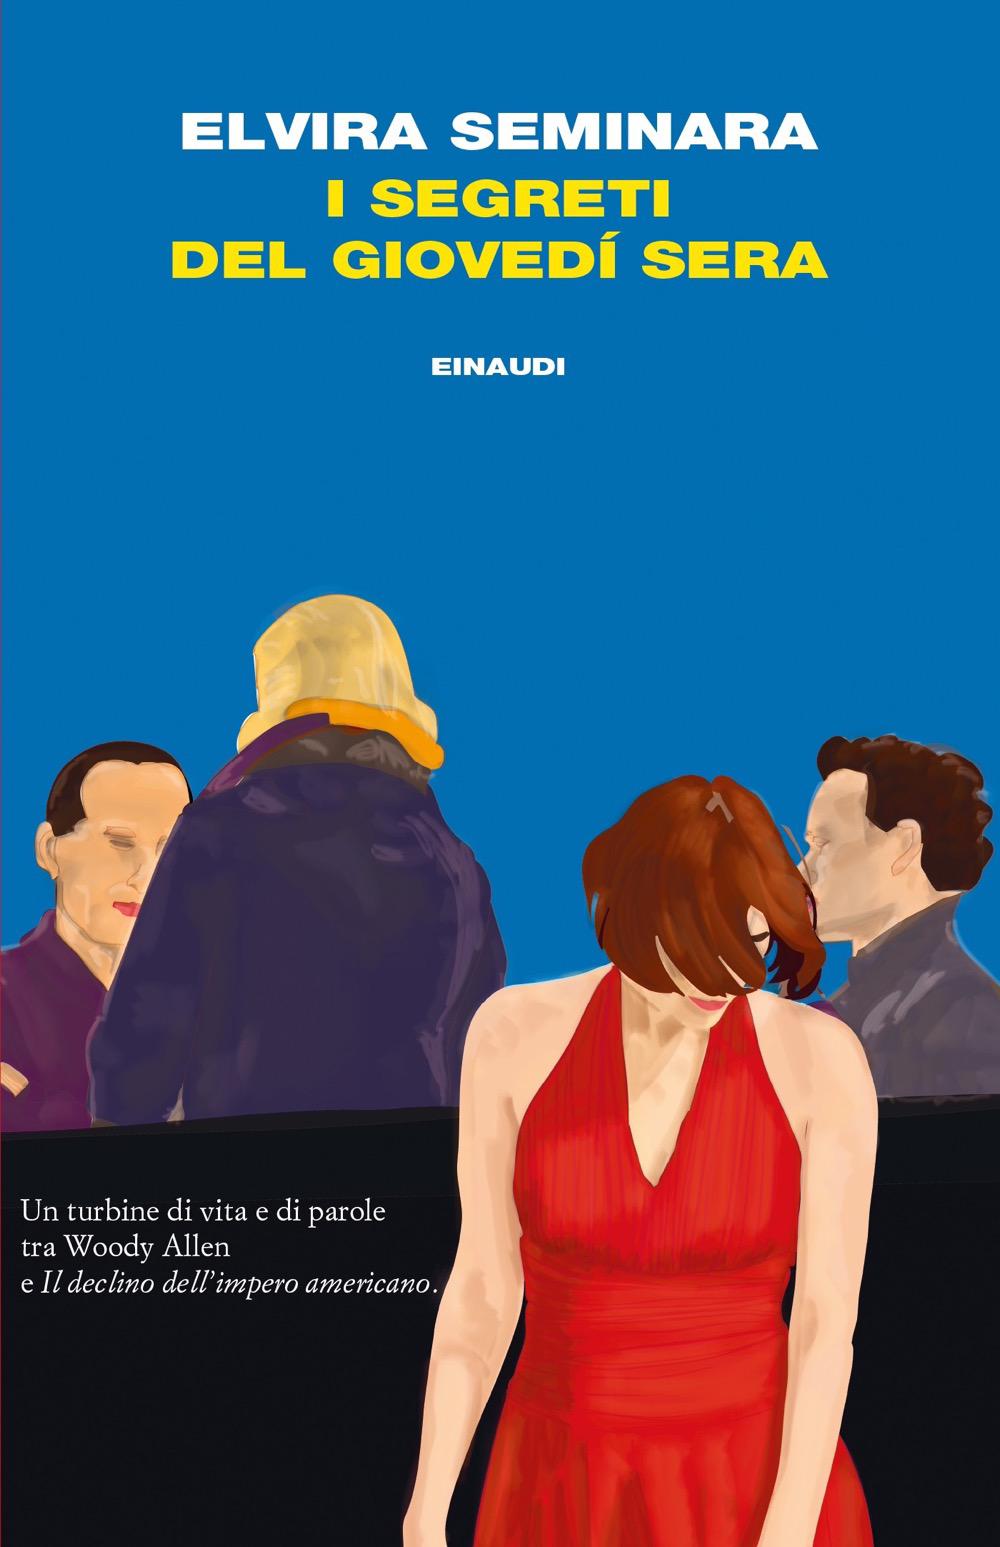 Non dipingerai i miei occhi: arte, amore e morte nella Parigi della bohème